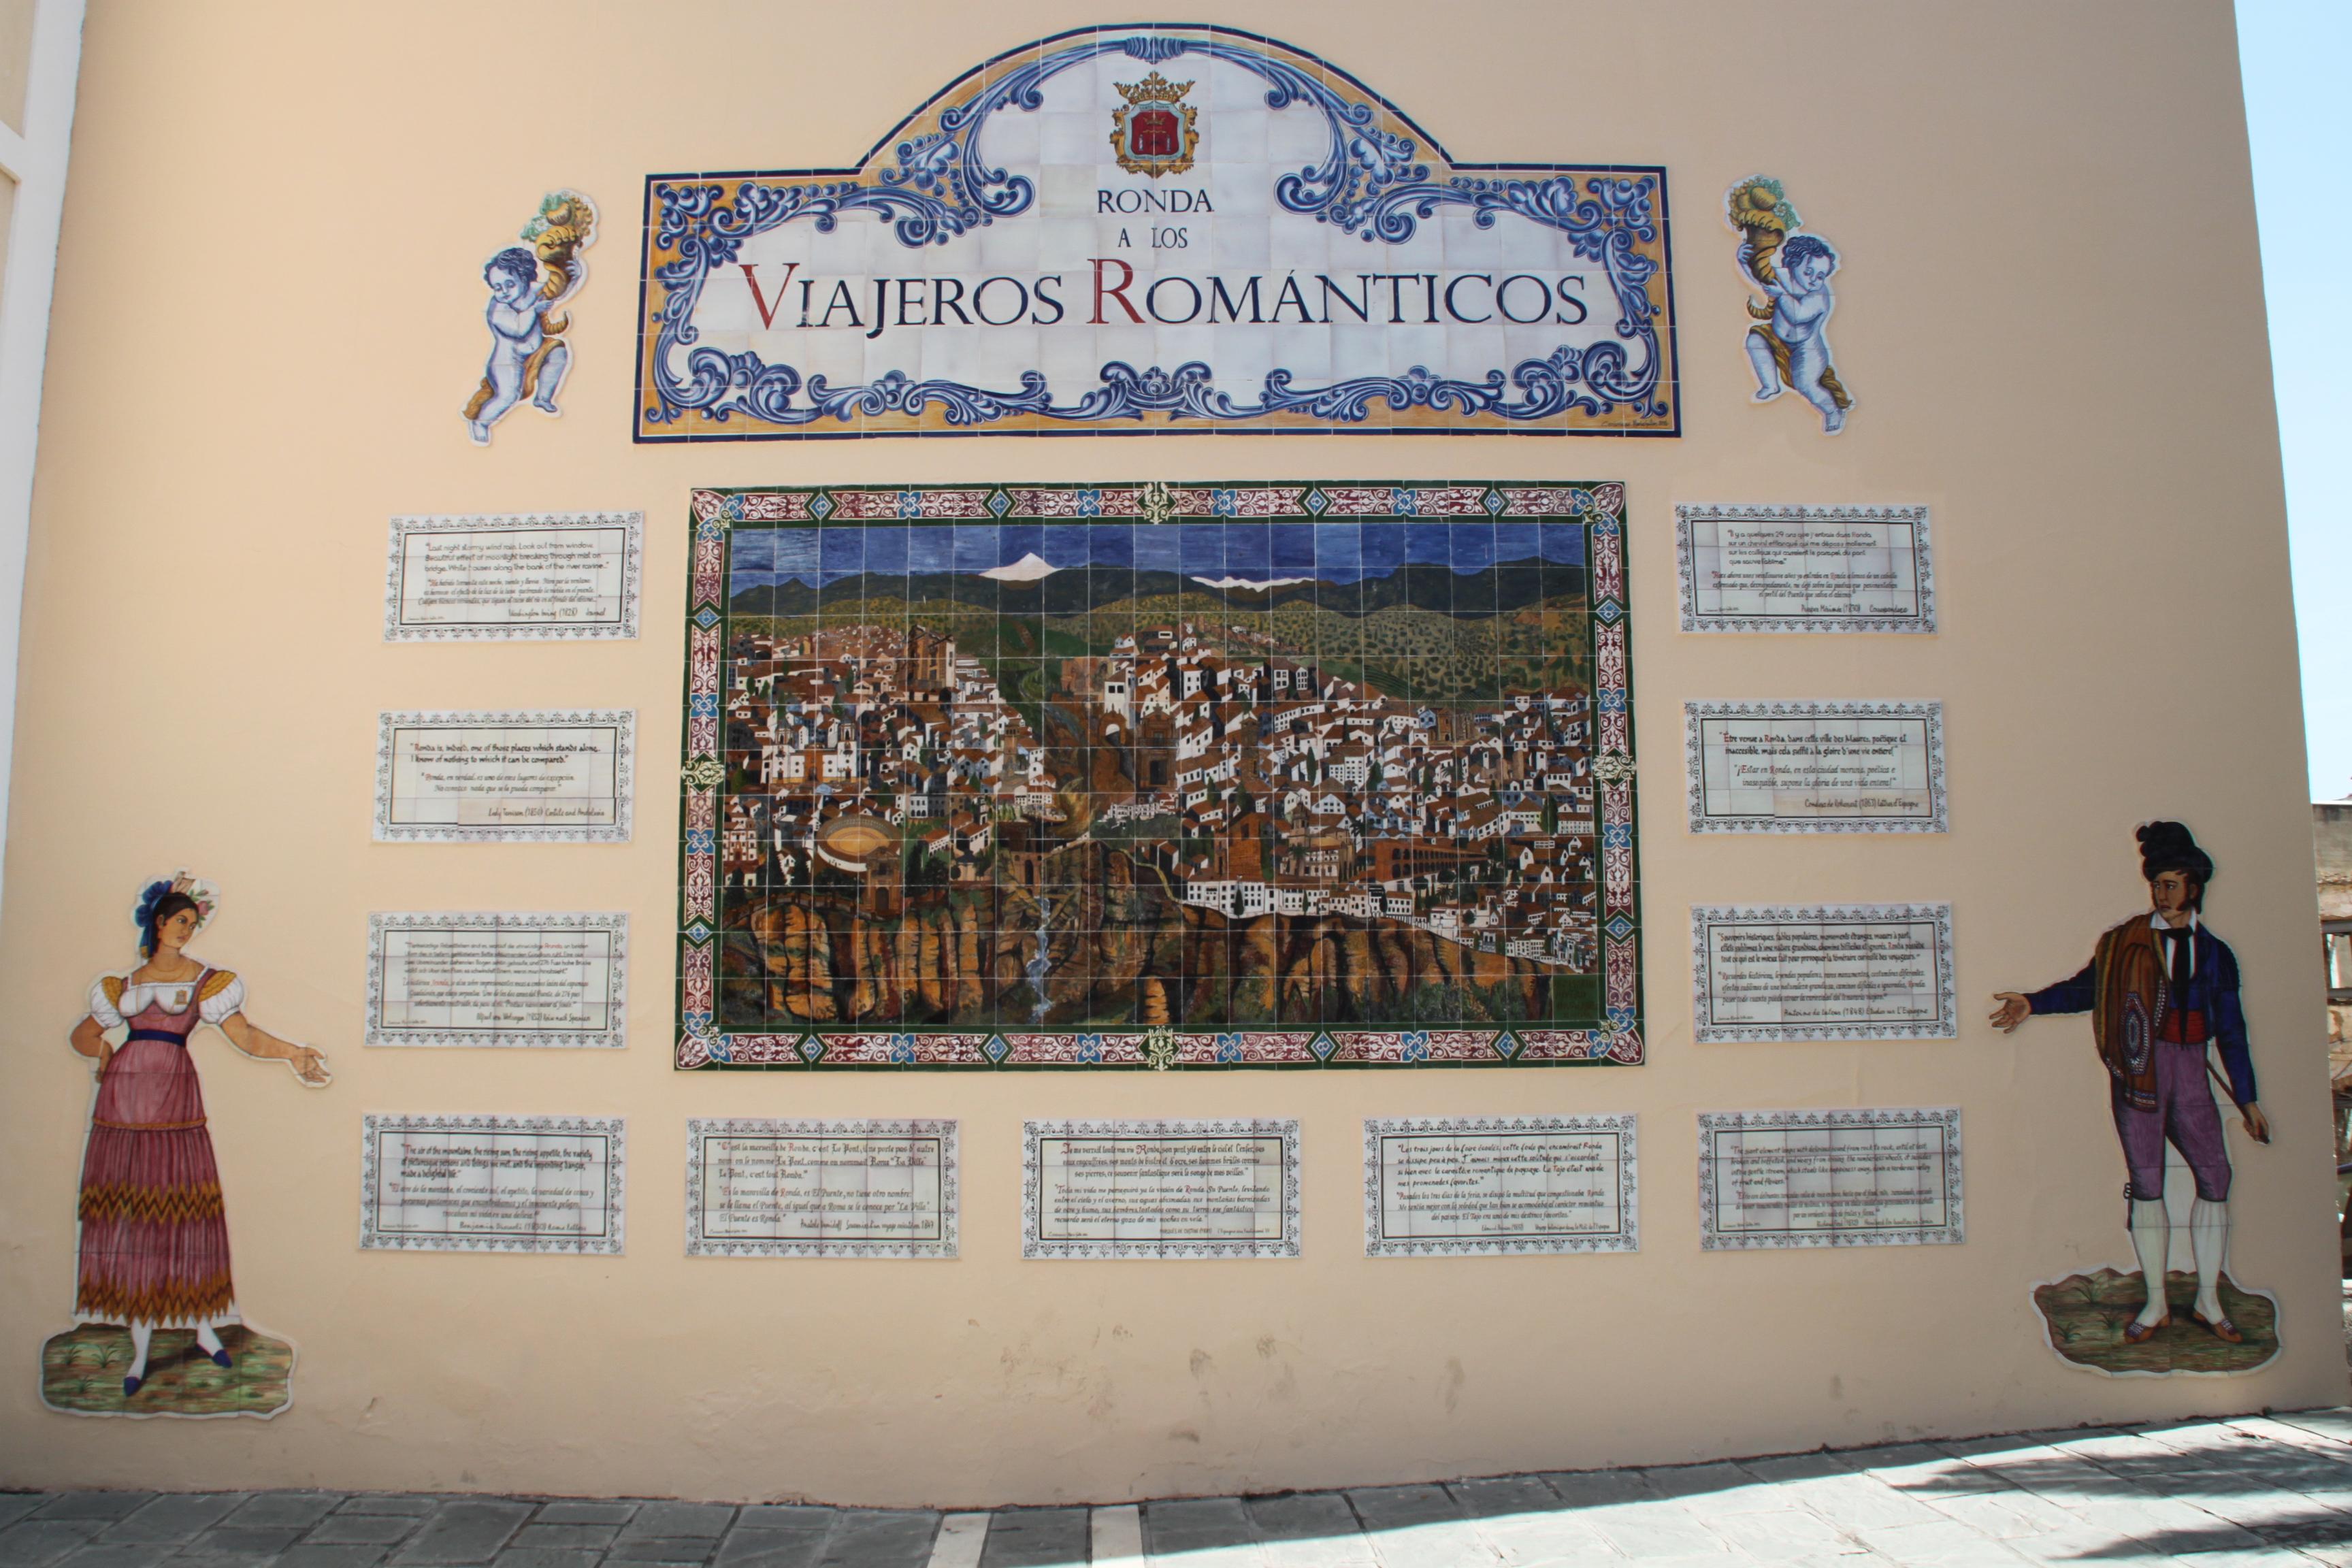 Ronda la ciudad de los viajeros rom nticos - Hotel en ronda con encanto ...